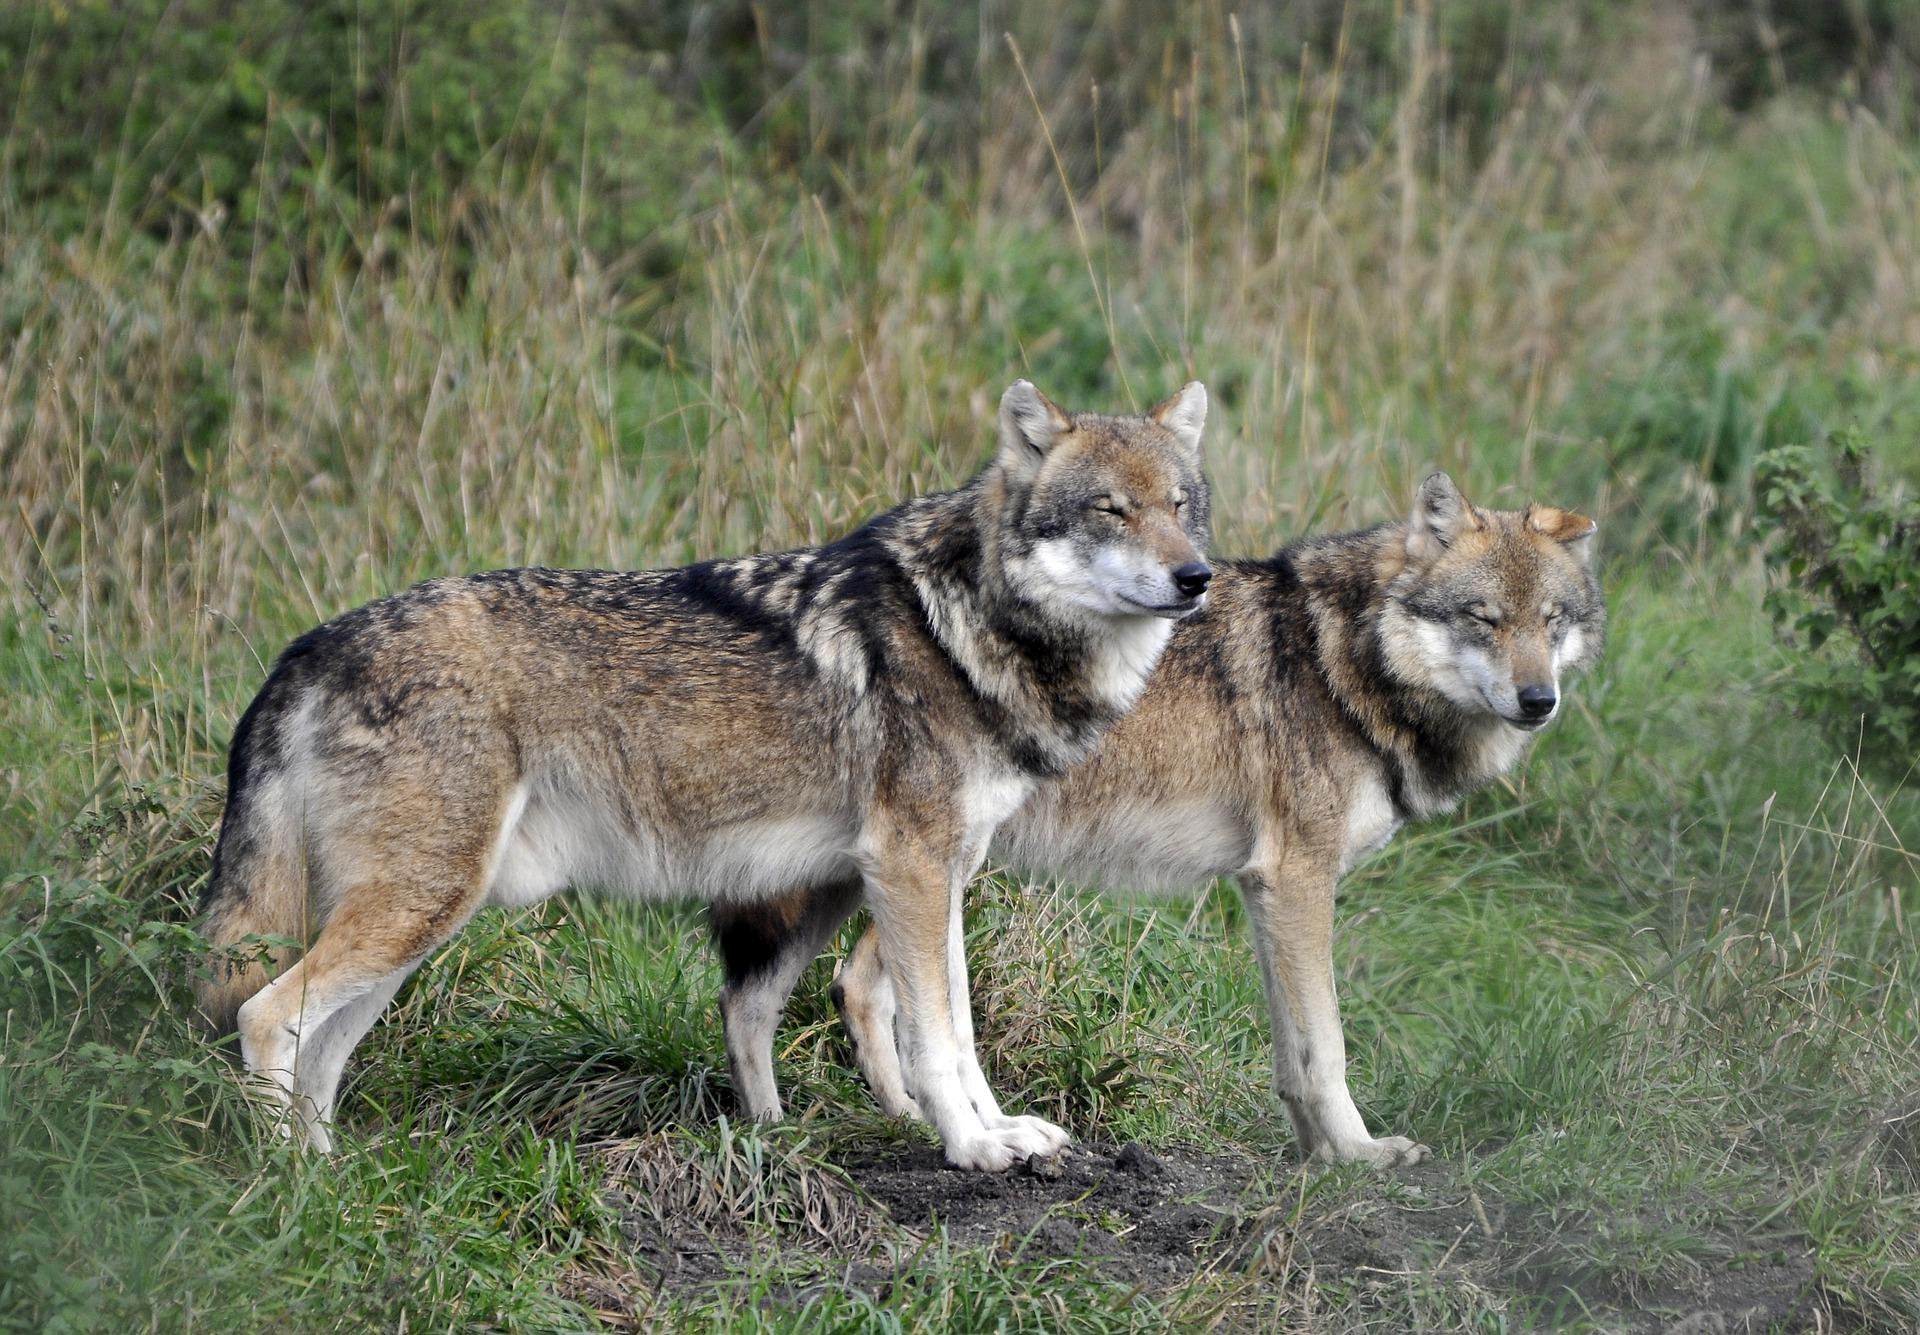 Wolf Wölfe Wolf im Faktencheck Wölfe Deutschland canis lupus jäger Jagd Natur bald fort nutztier